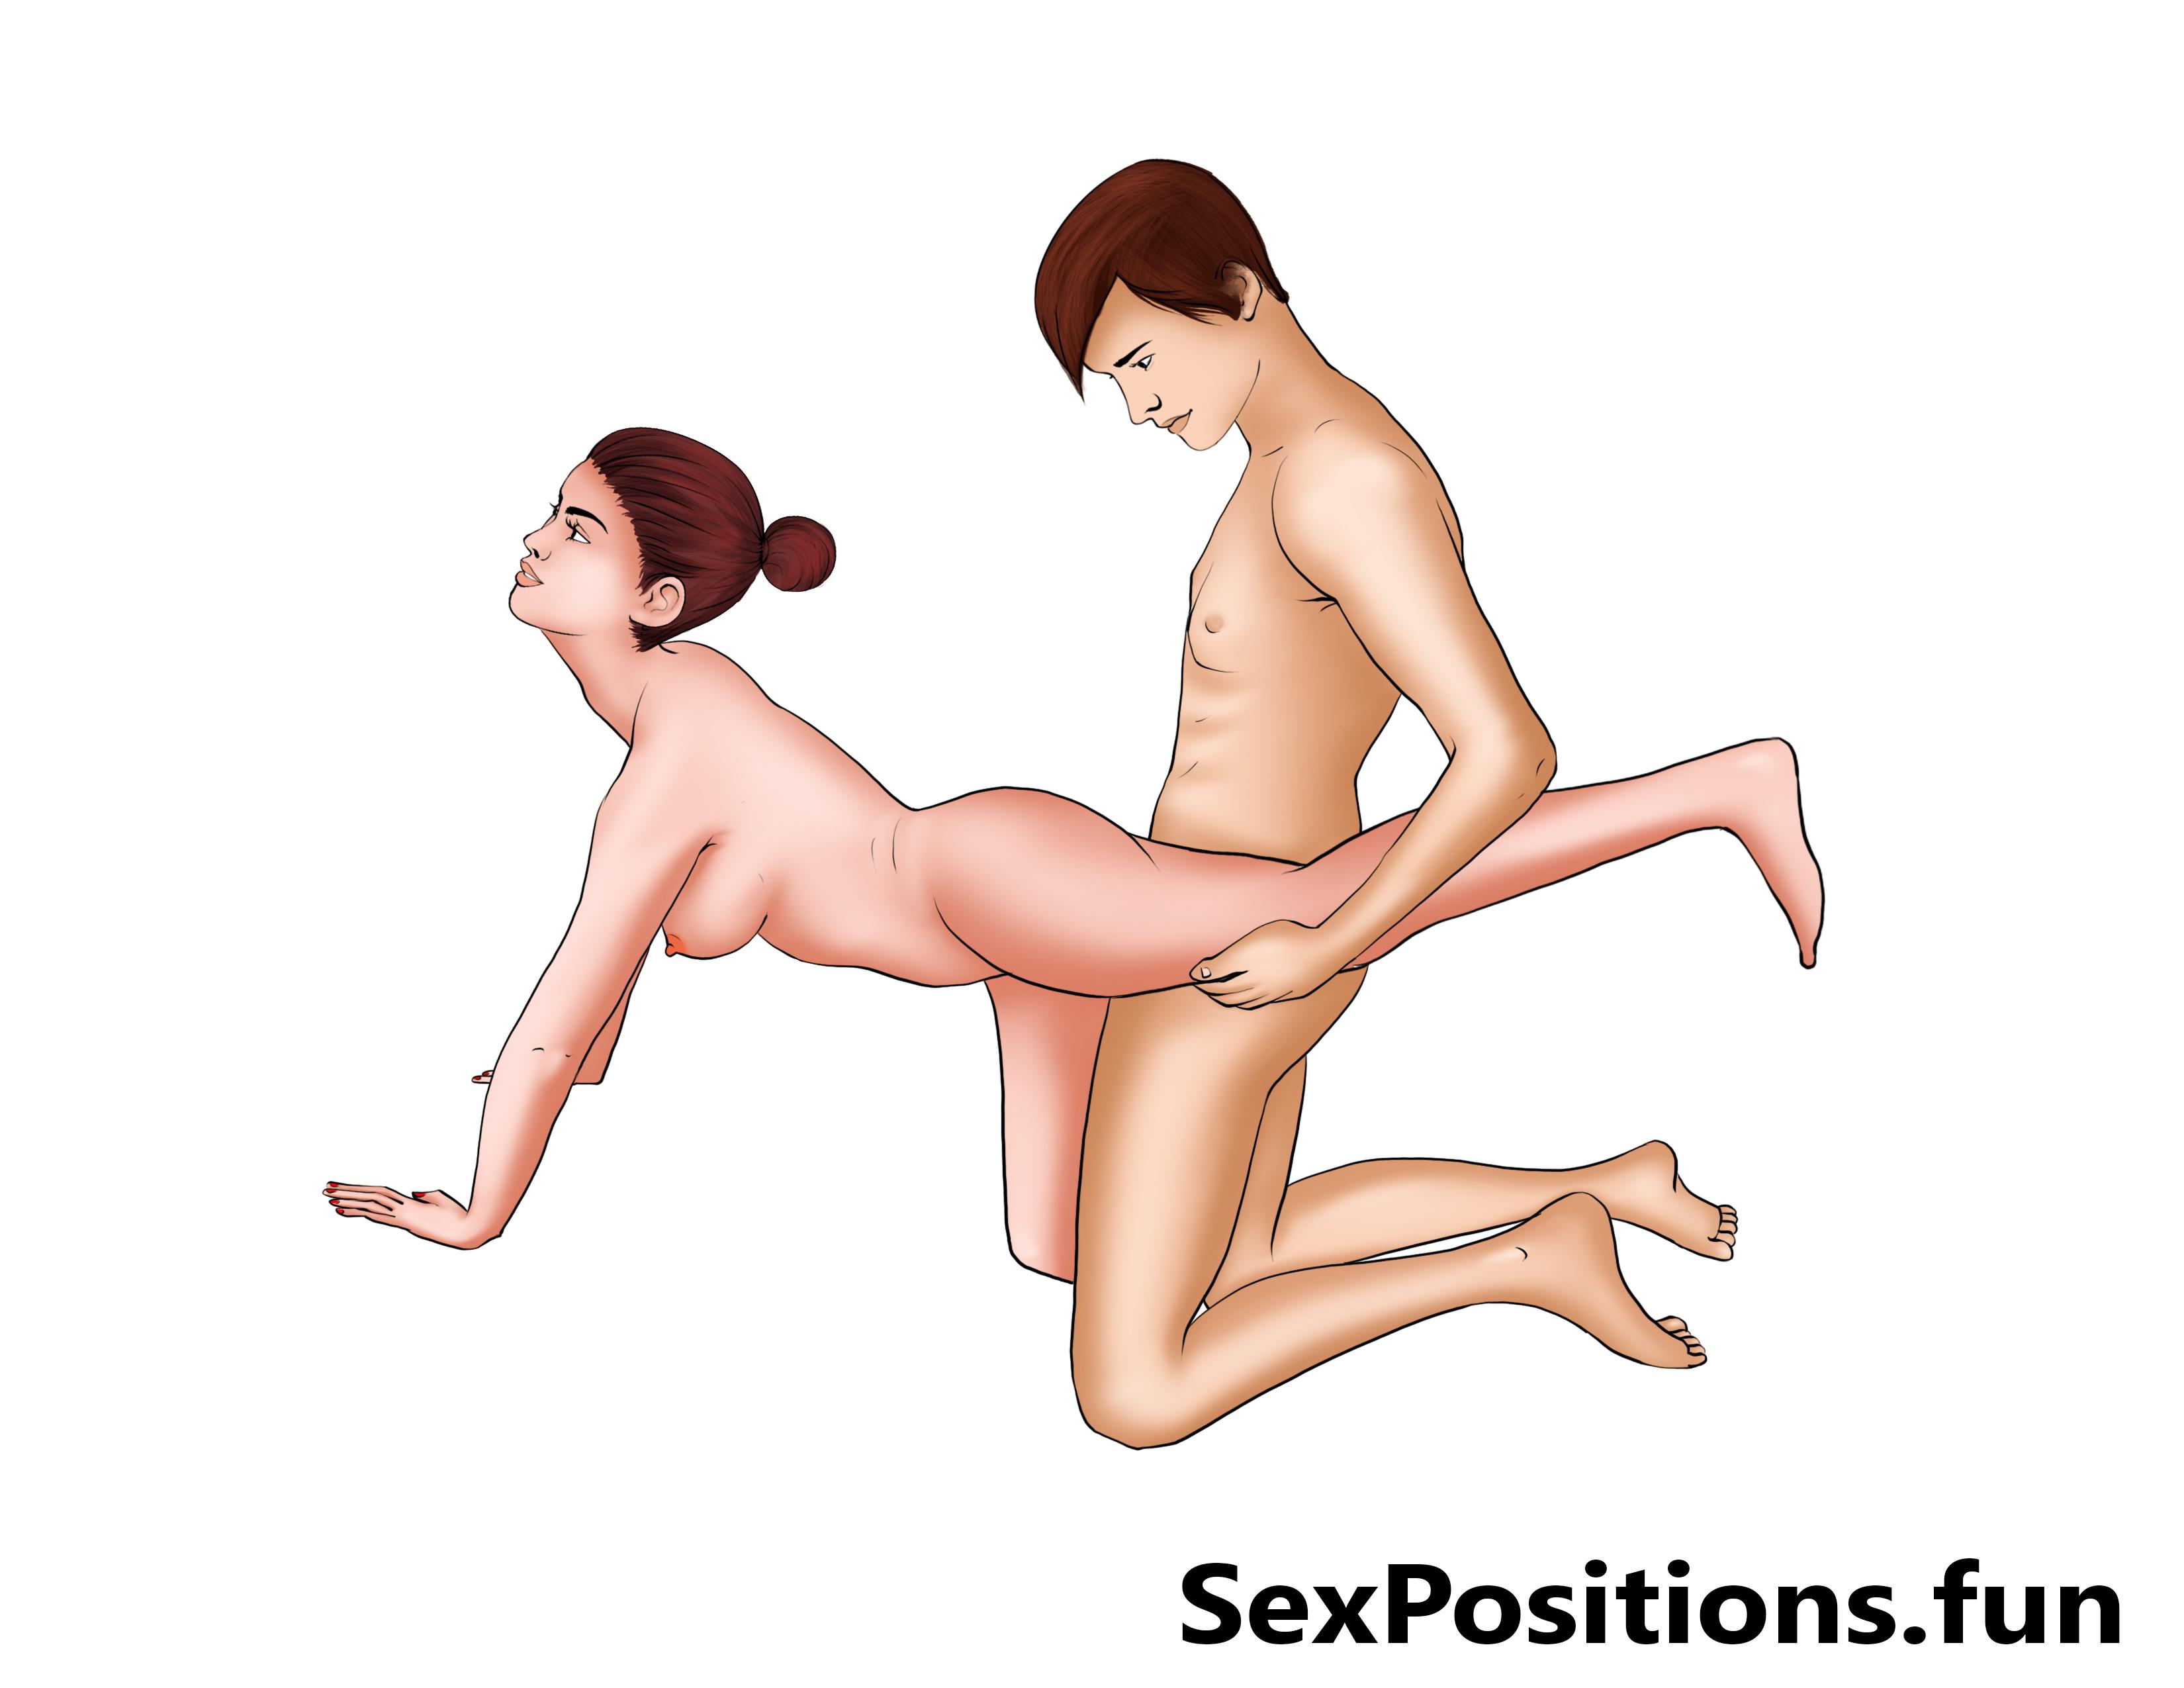 Kneeling Wheelbarrow Sex Position